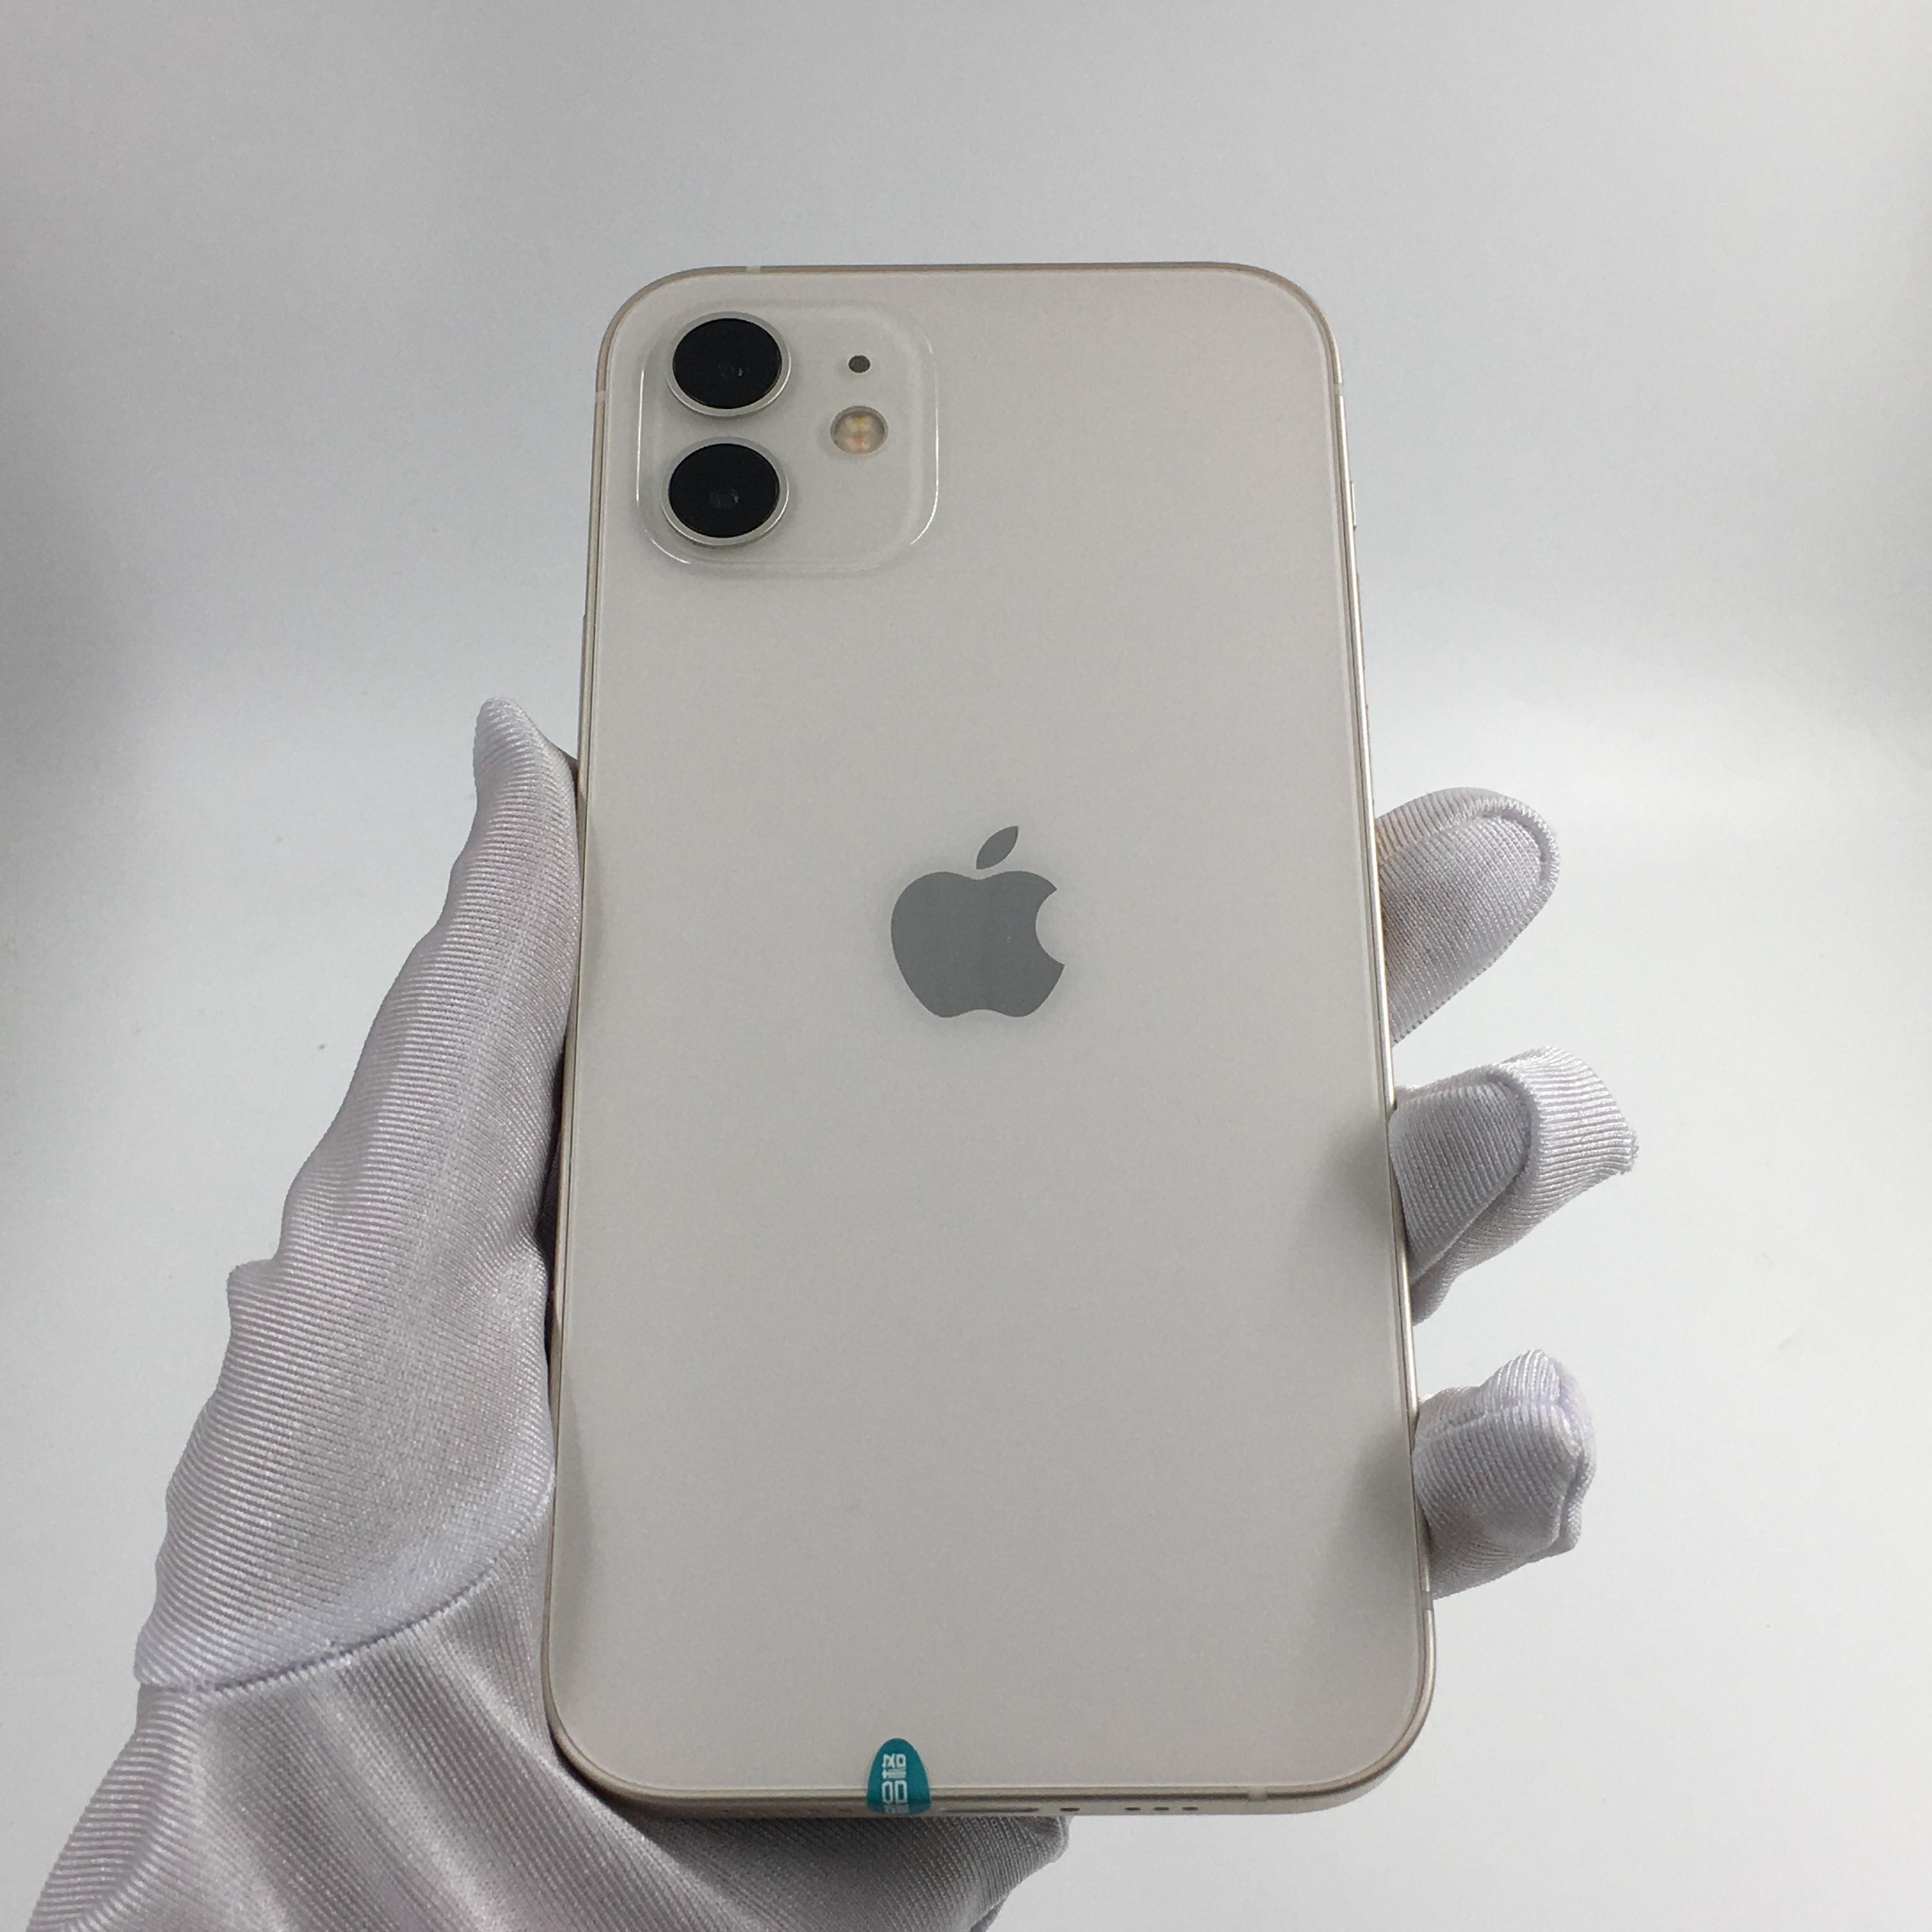 苹果【iPhone 12】5G全网通 白色 64G 国行 99新 64G真机实拍